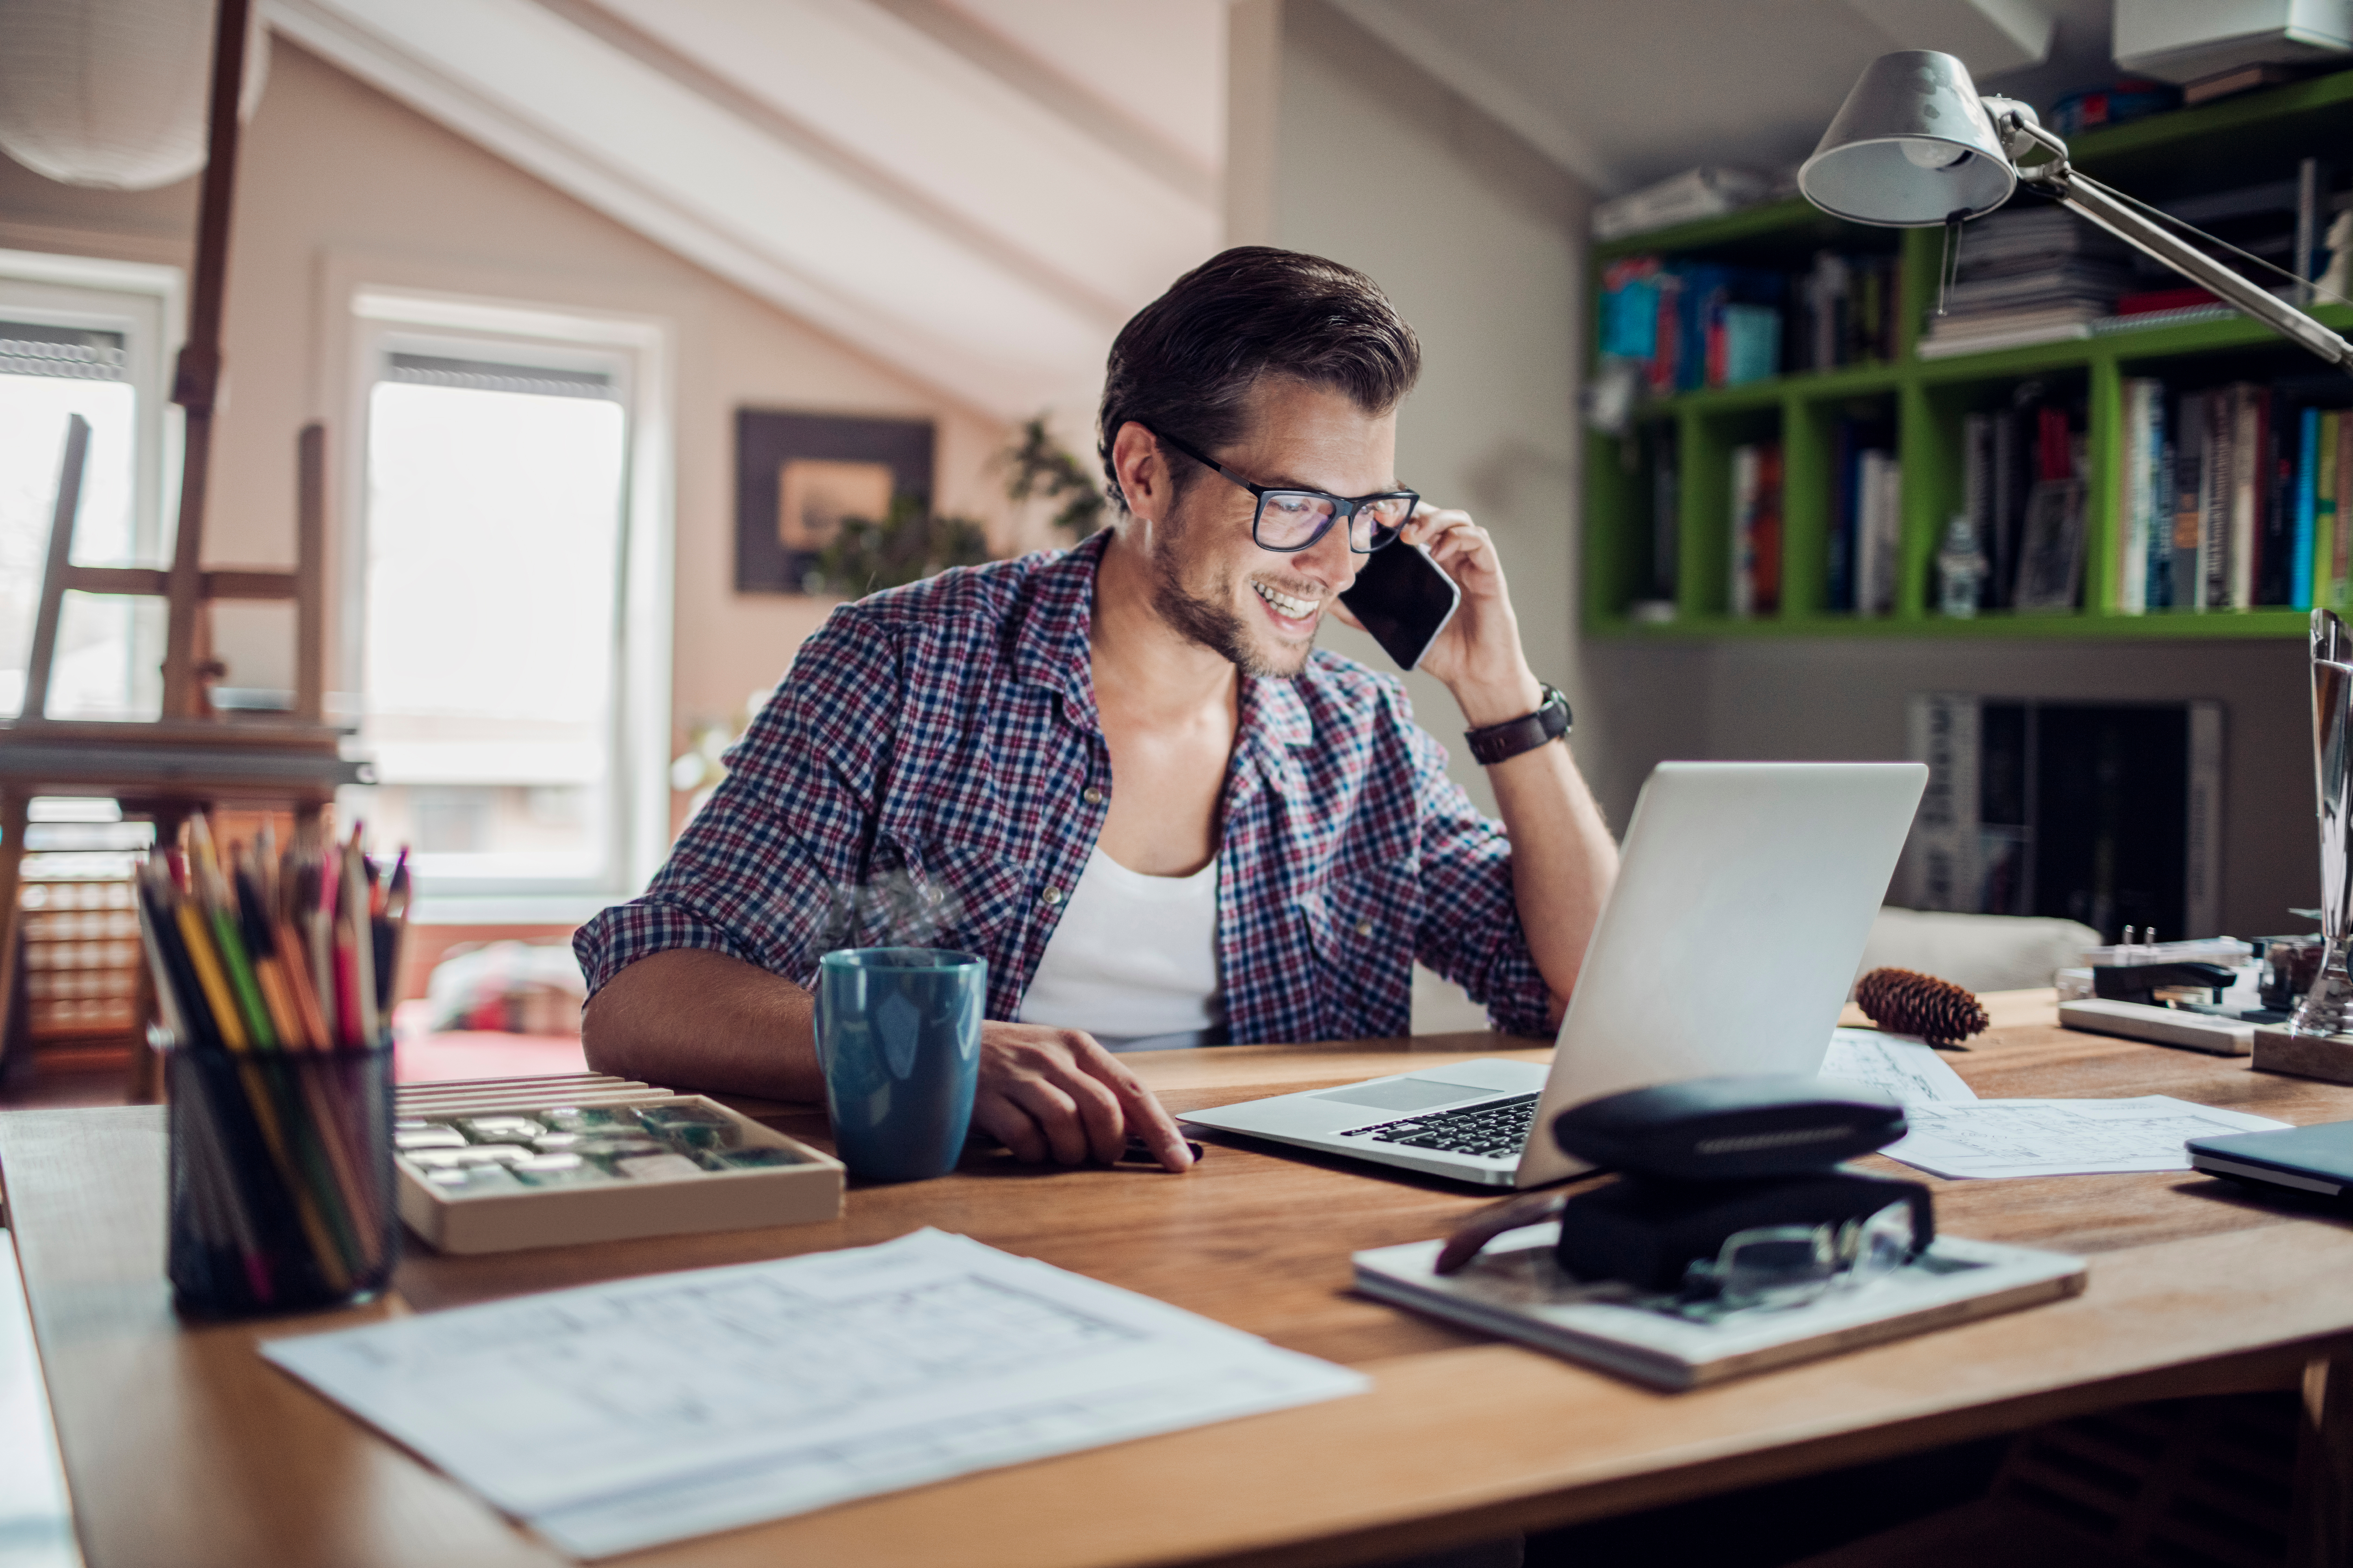 Home-Office: Worauf Unternehmen achten müssen | BKK Mobil Oil